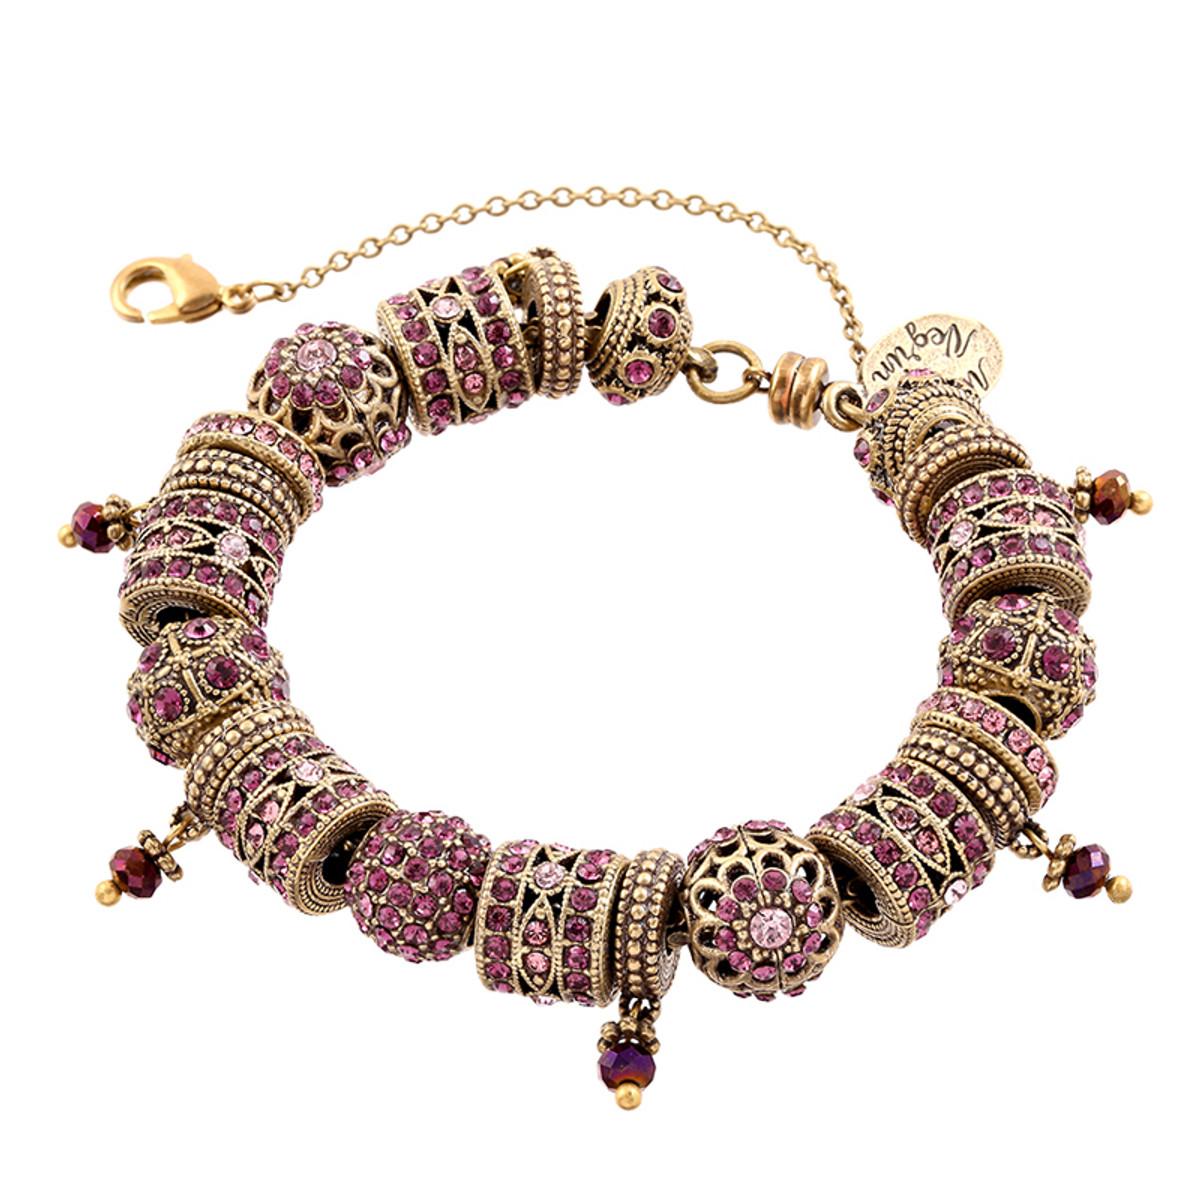 Michal Negrin Charm Bracelet - Multi Color